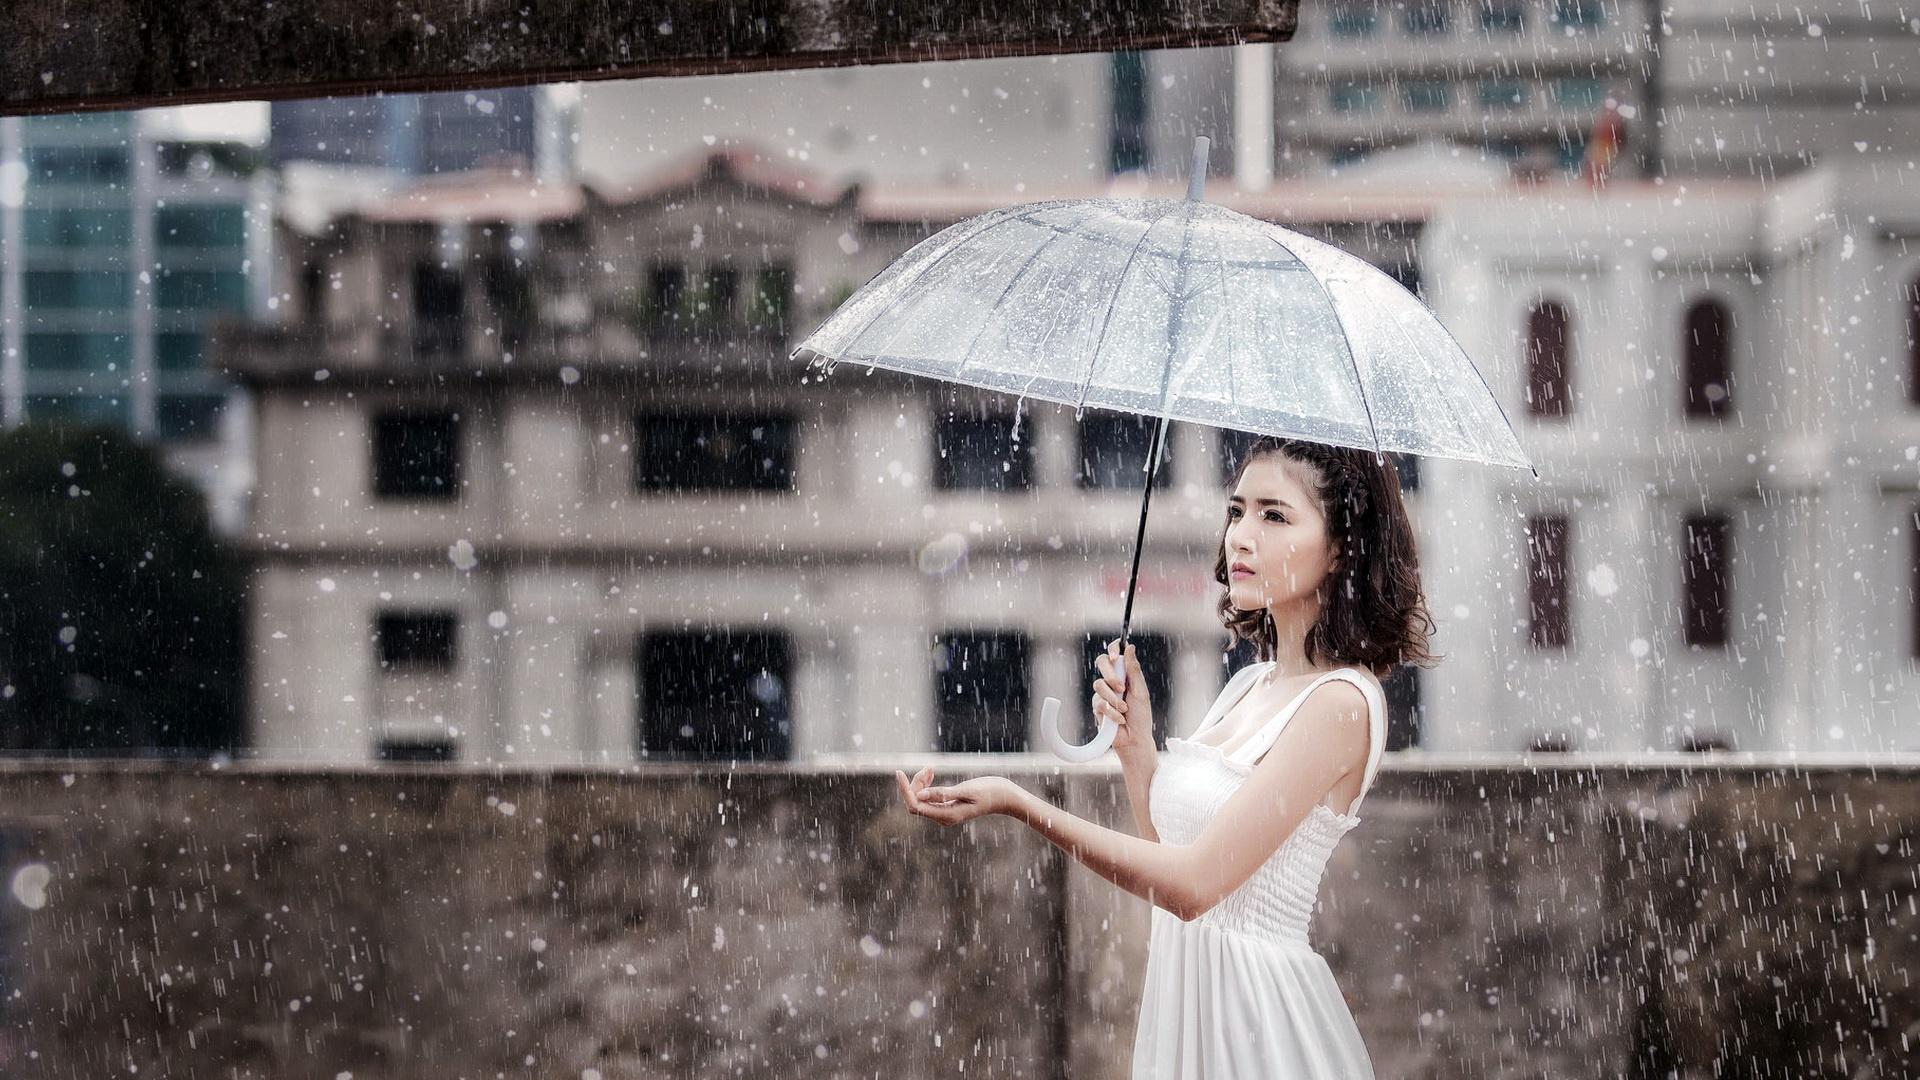 что можно фотографировать в дождь самое